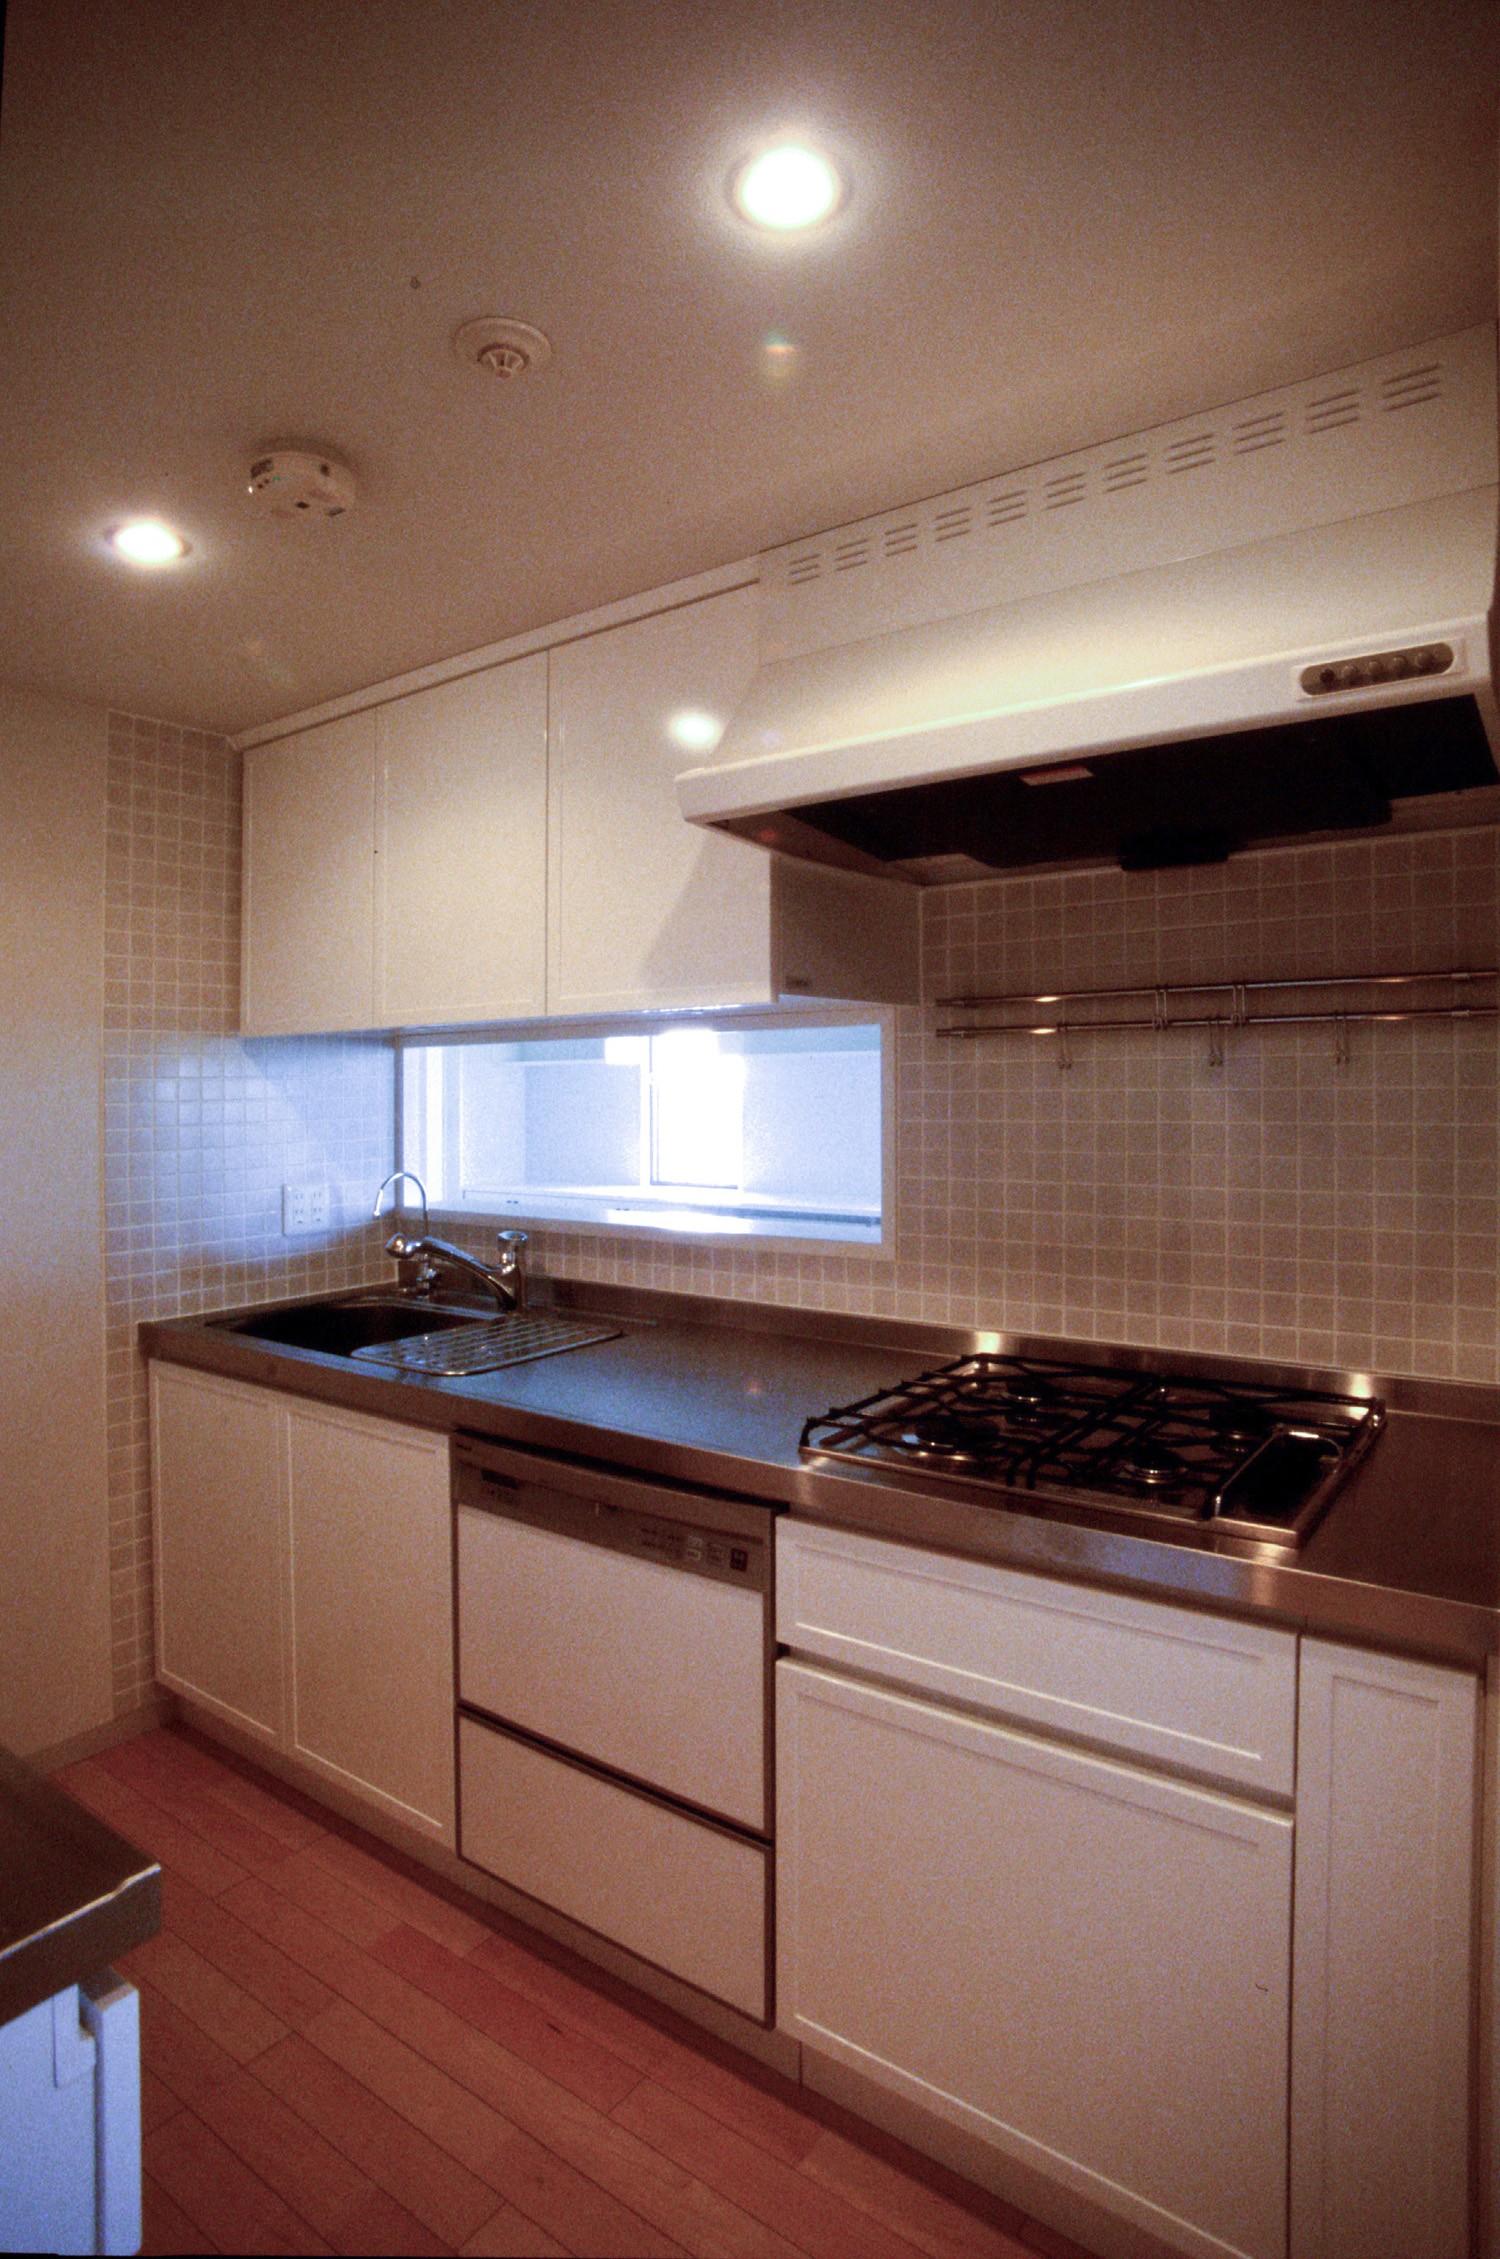 キッチン事例:キッチン(東京中野 ミニマル・シンプルな空間へマンションリノベーション)